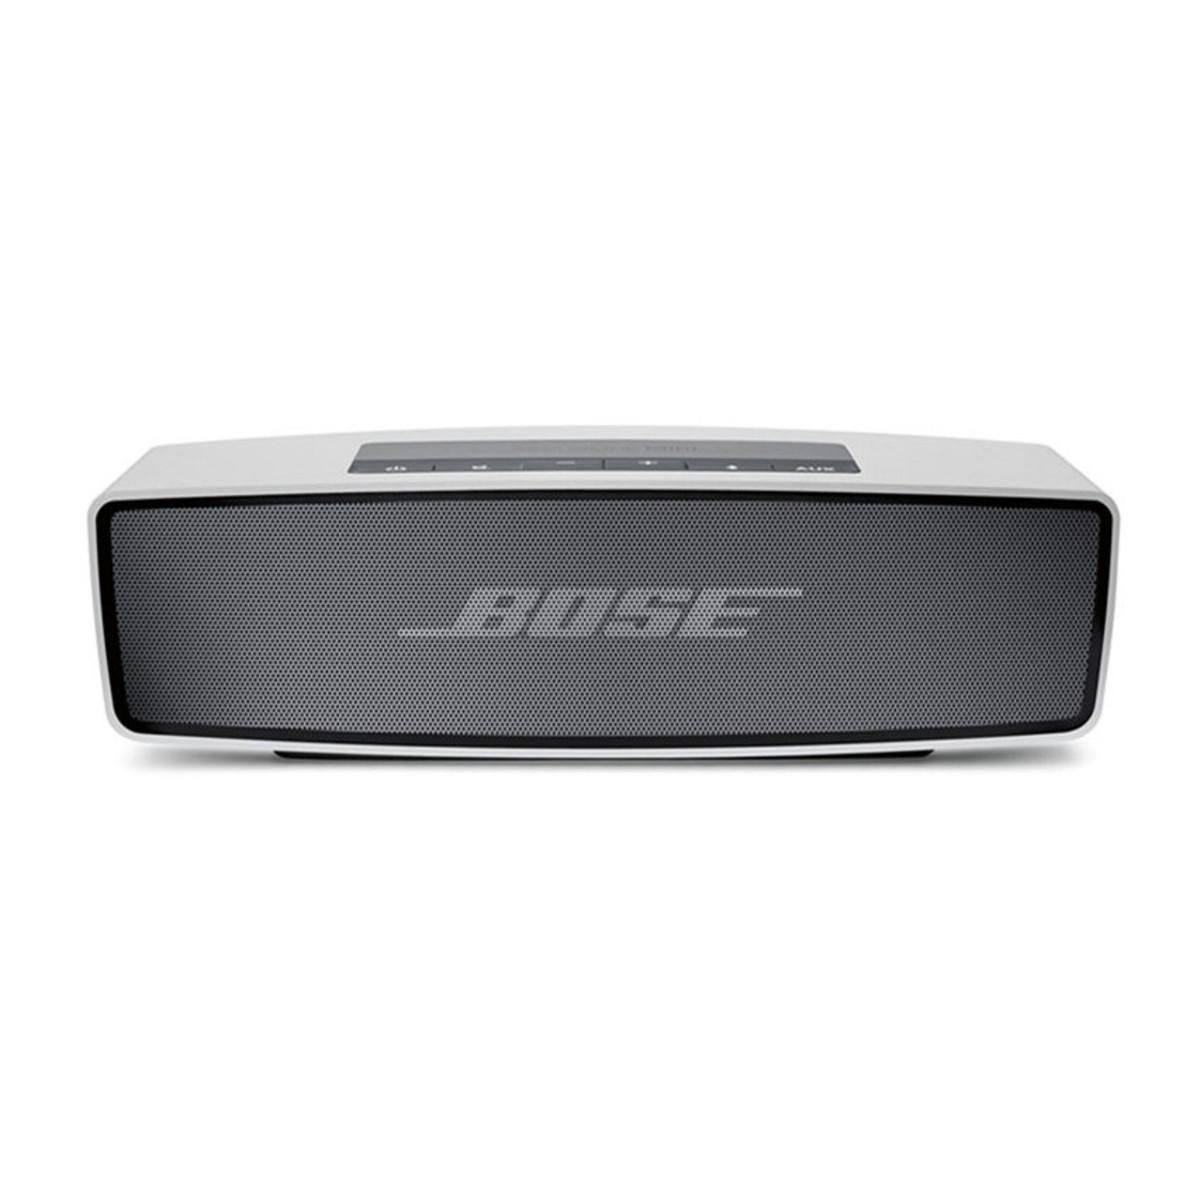 disc bose soundlink mini bluetooth speaker at. Black Bedroom Furniture Sets. Home Design Ideas